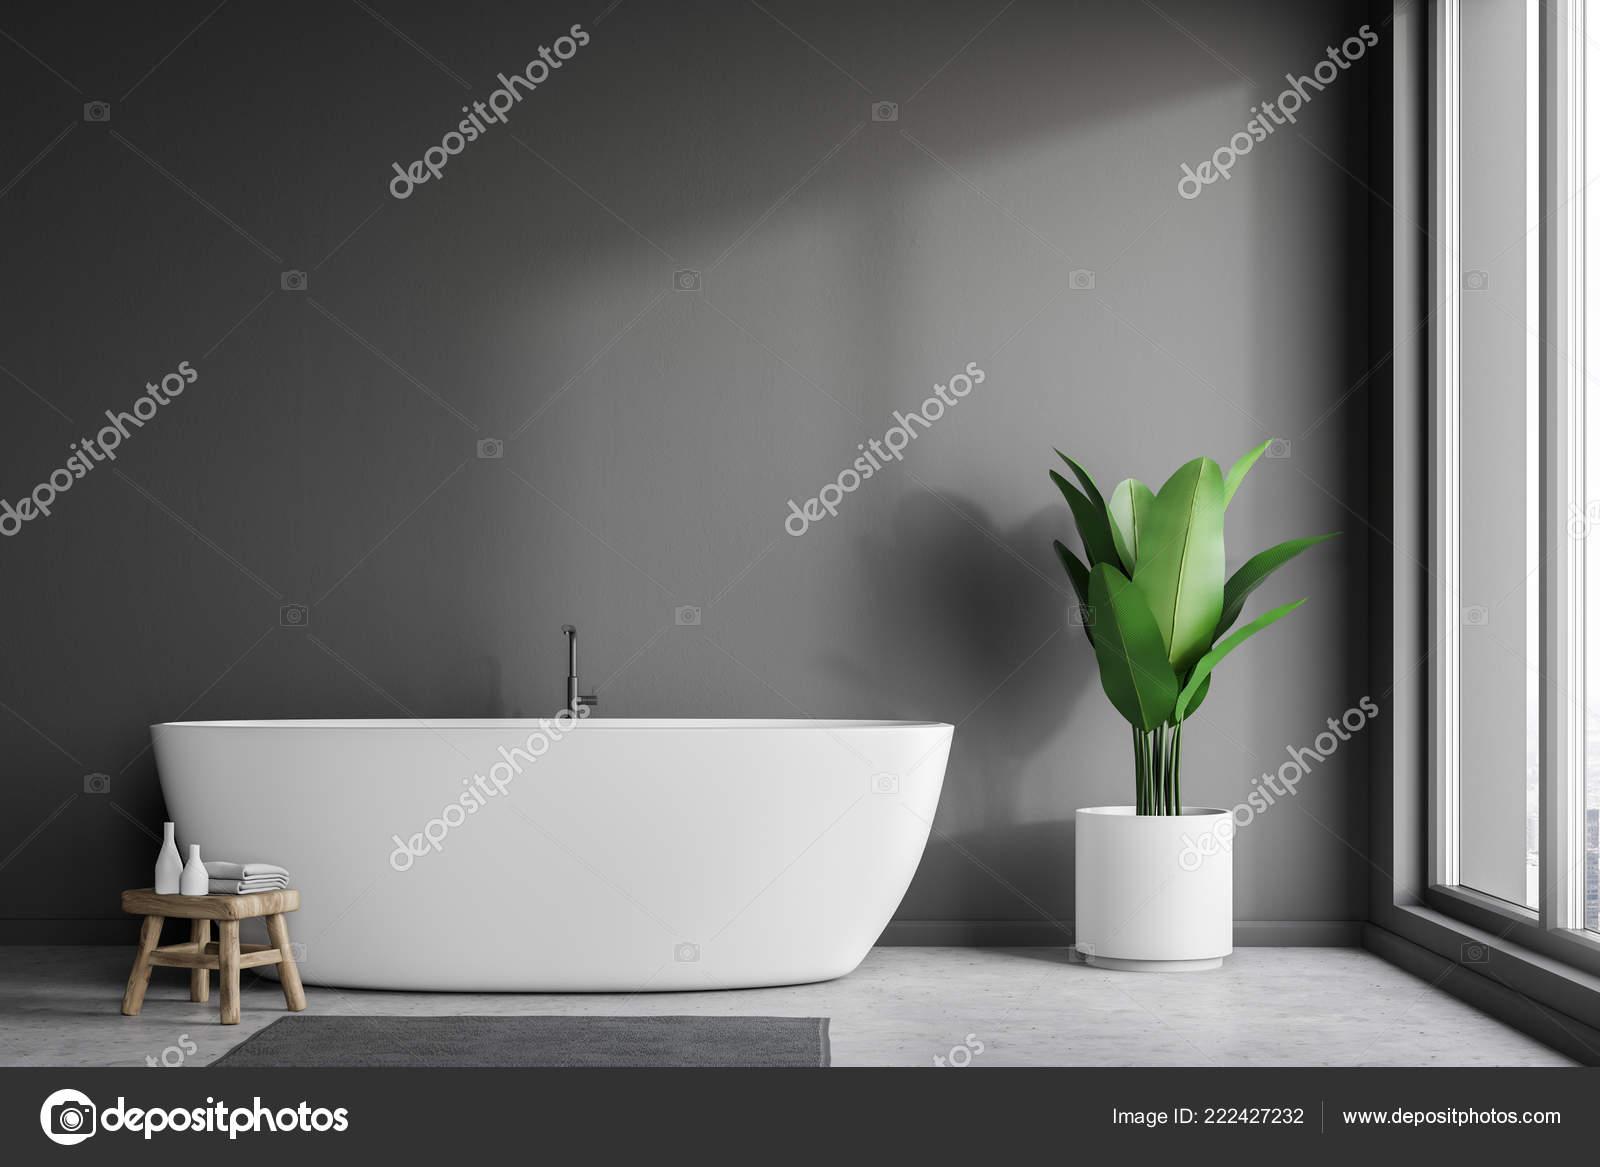 Vasca Da Lavare In Cemento : Interno bagno minimalista con muri grigi pavimento cemento vasca